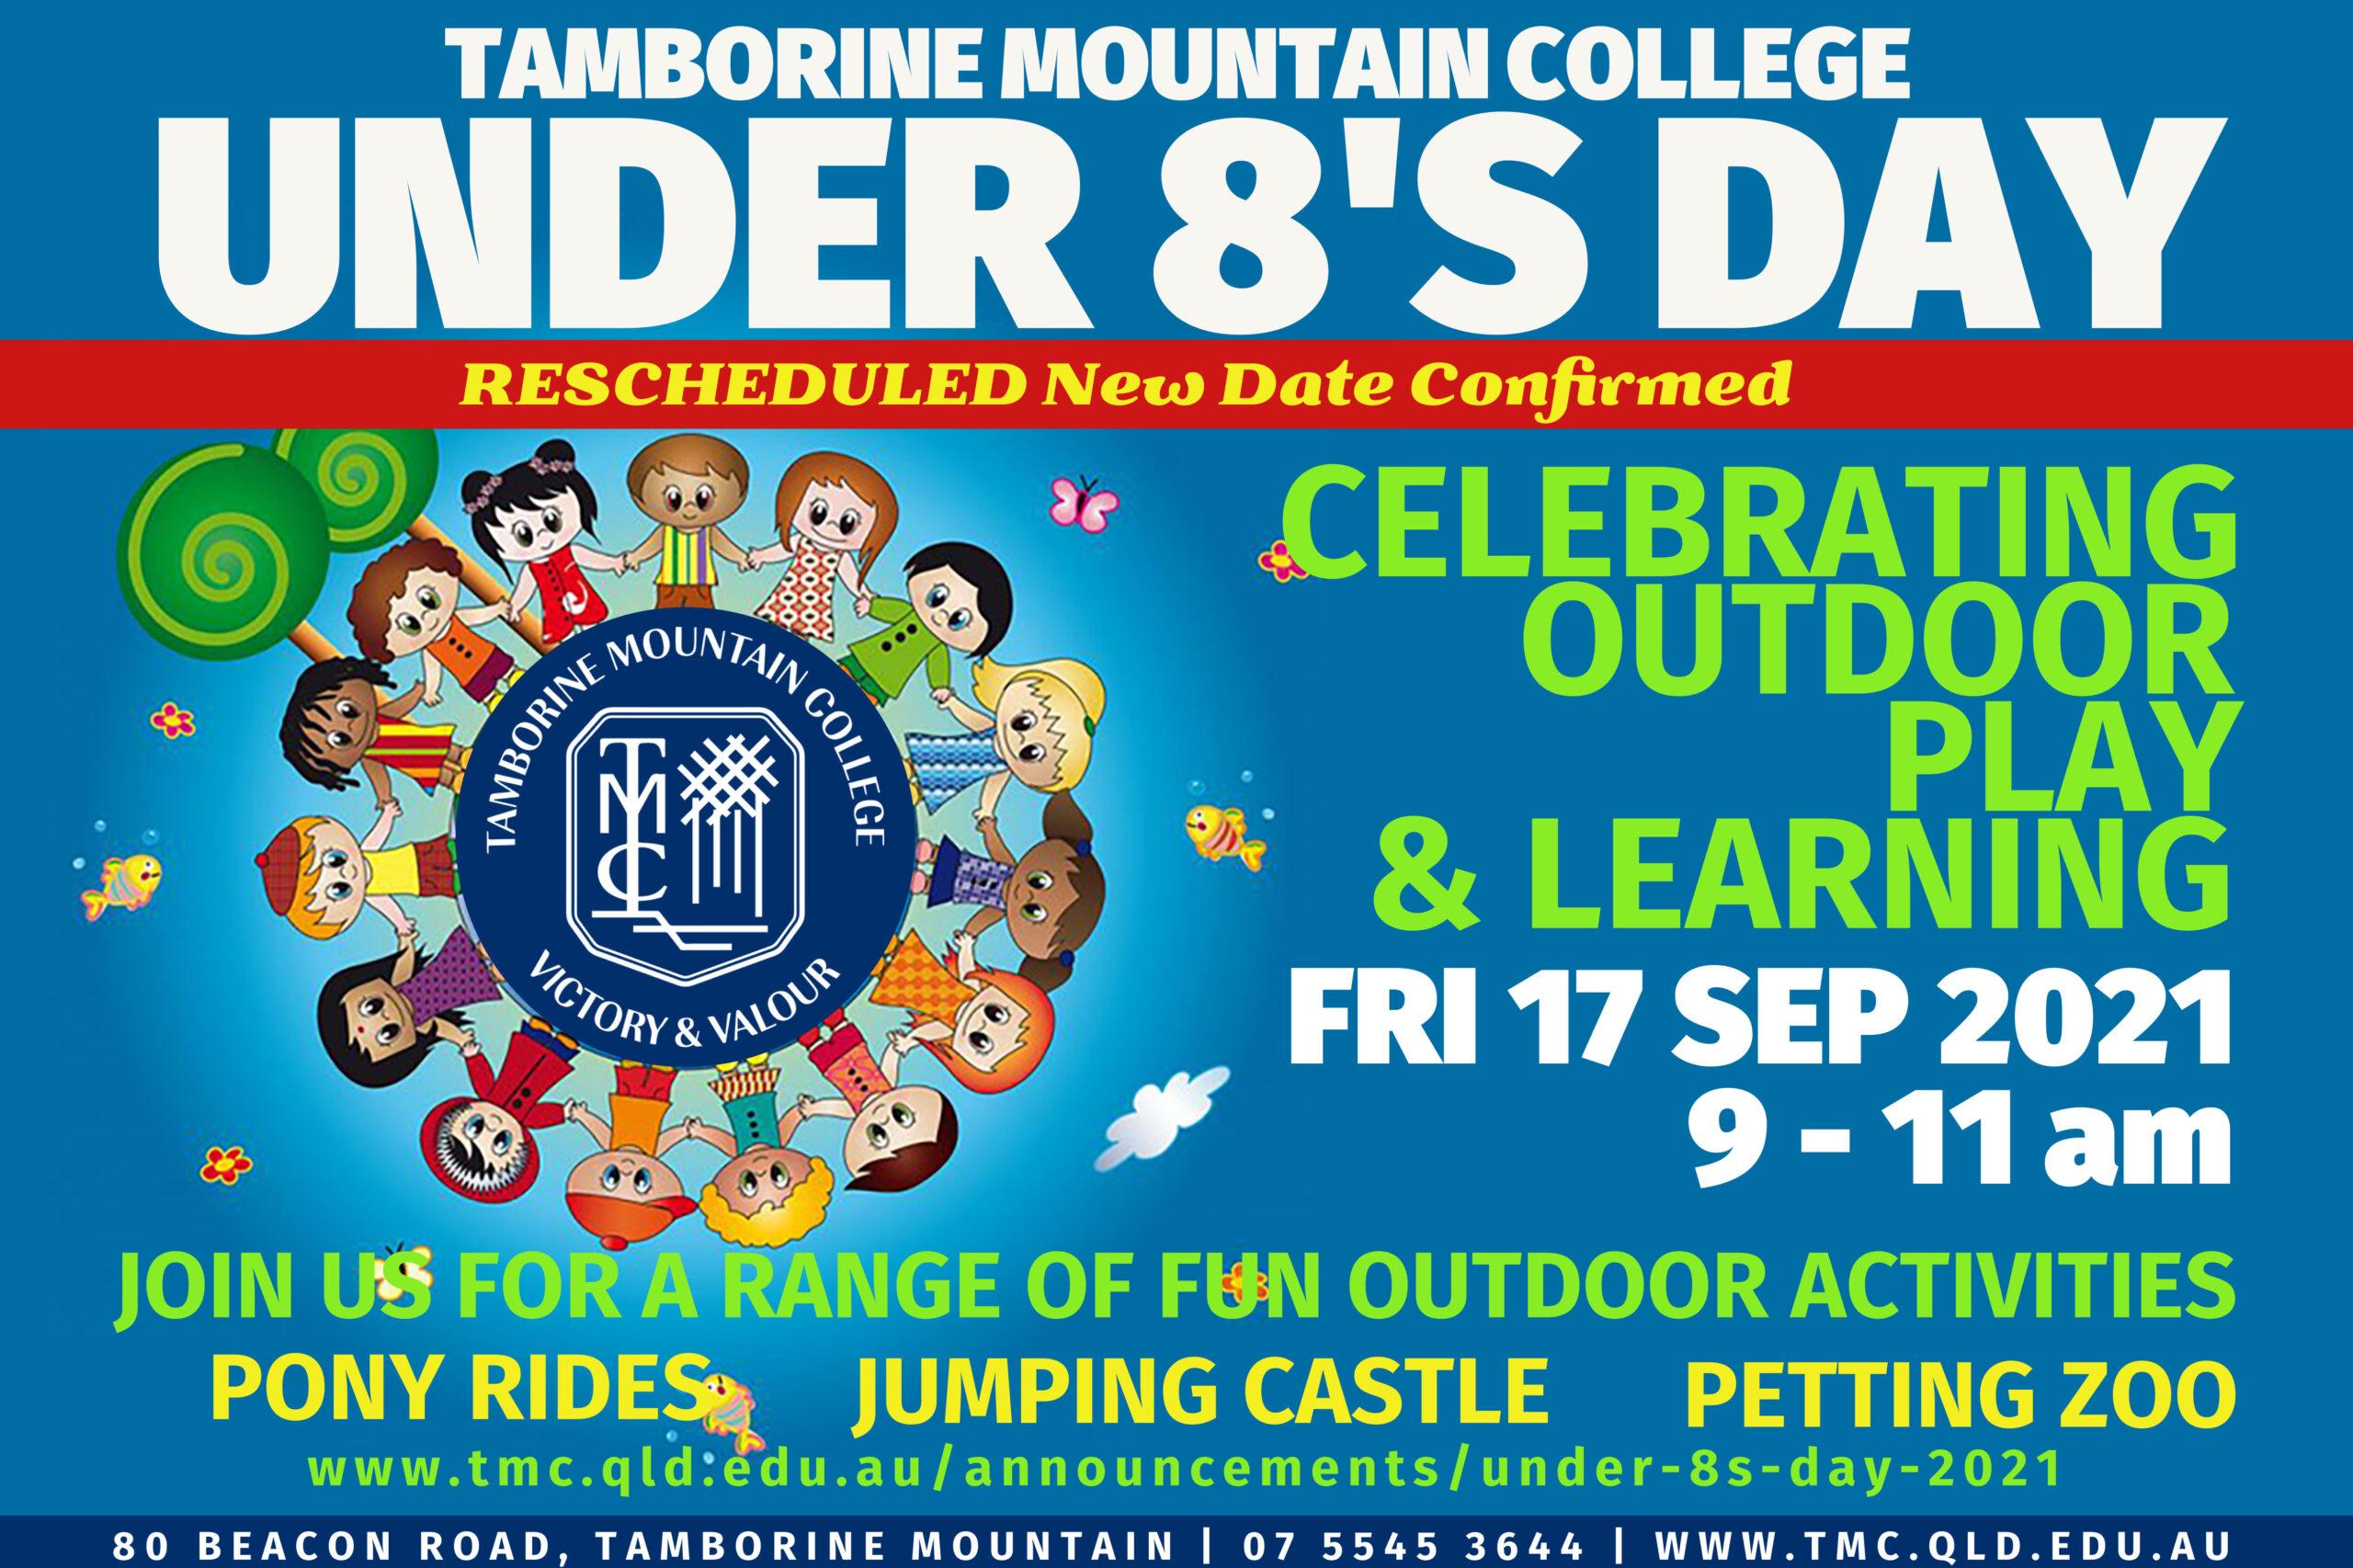 Tamborine Mountain College Under 8s Day